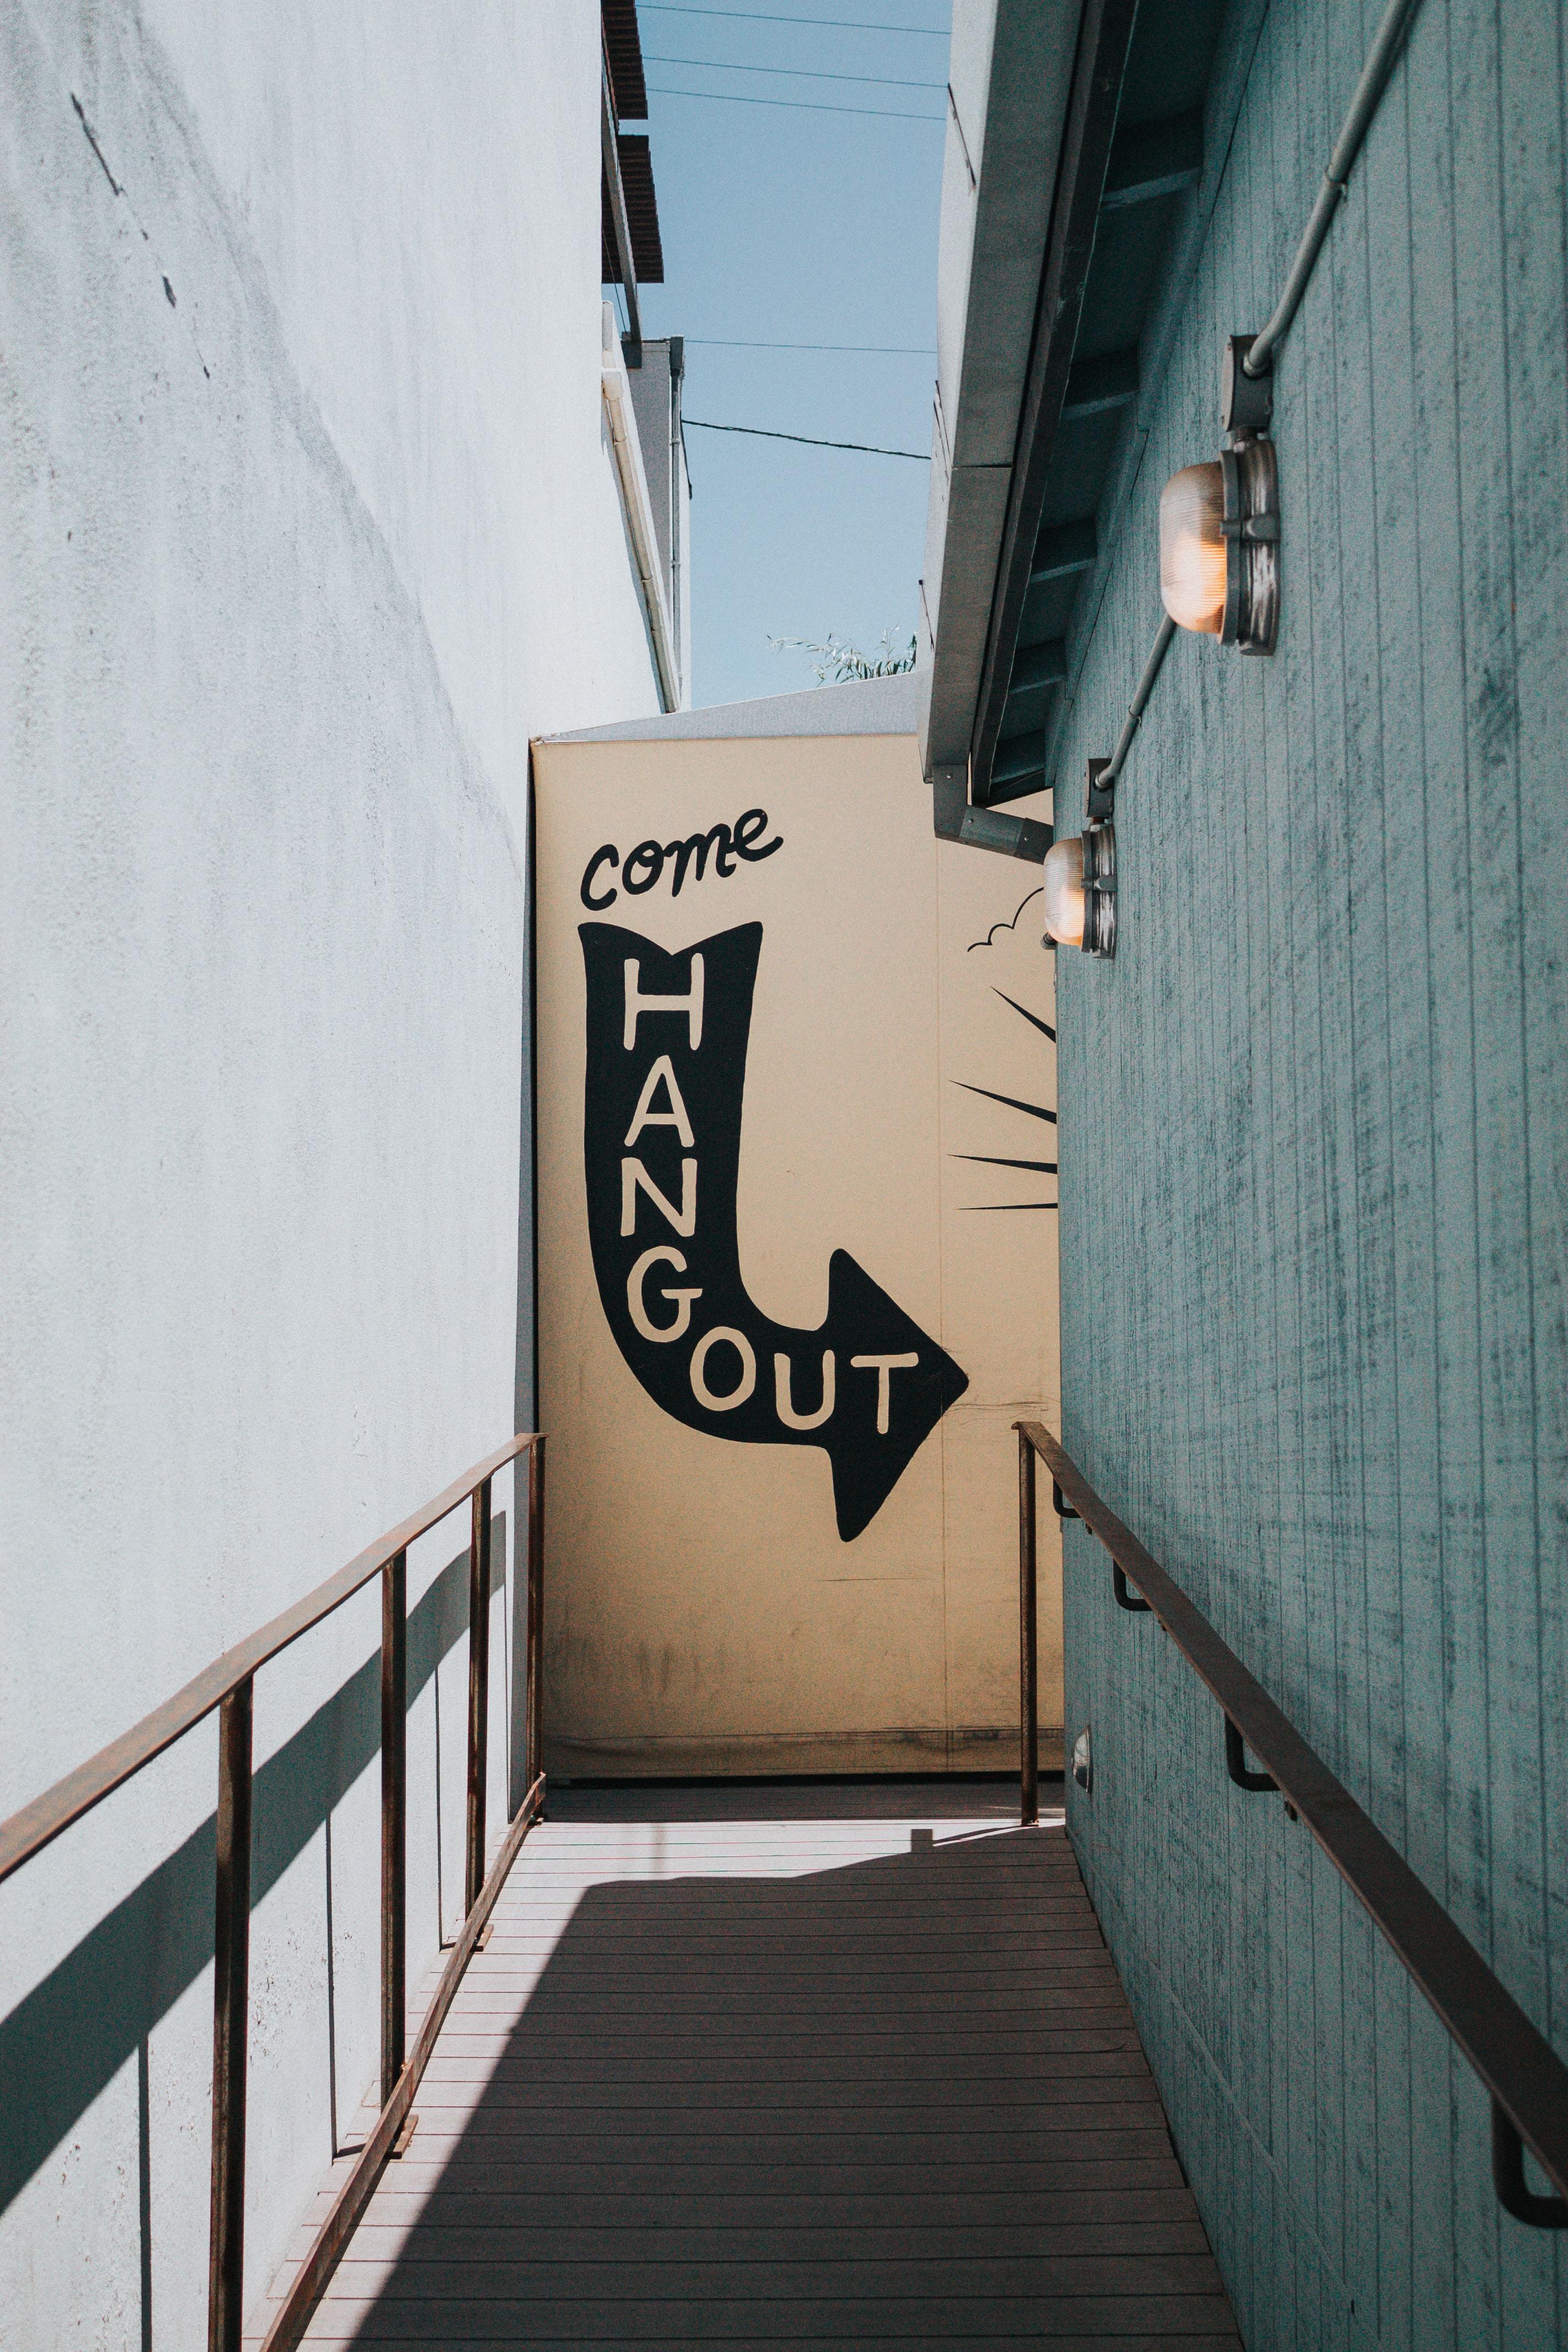 Come Hangout signage